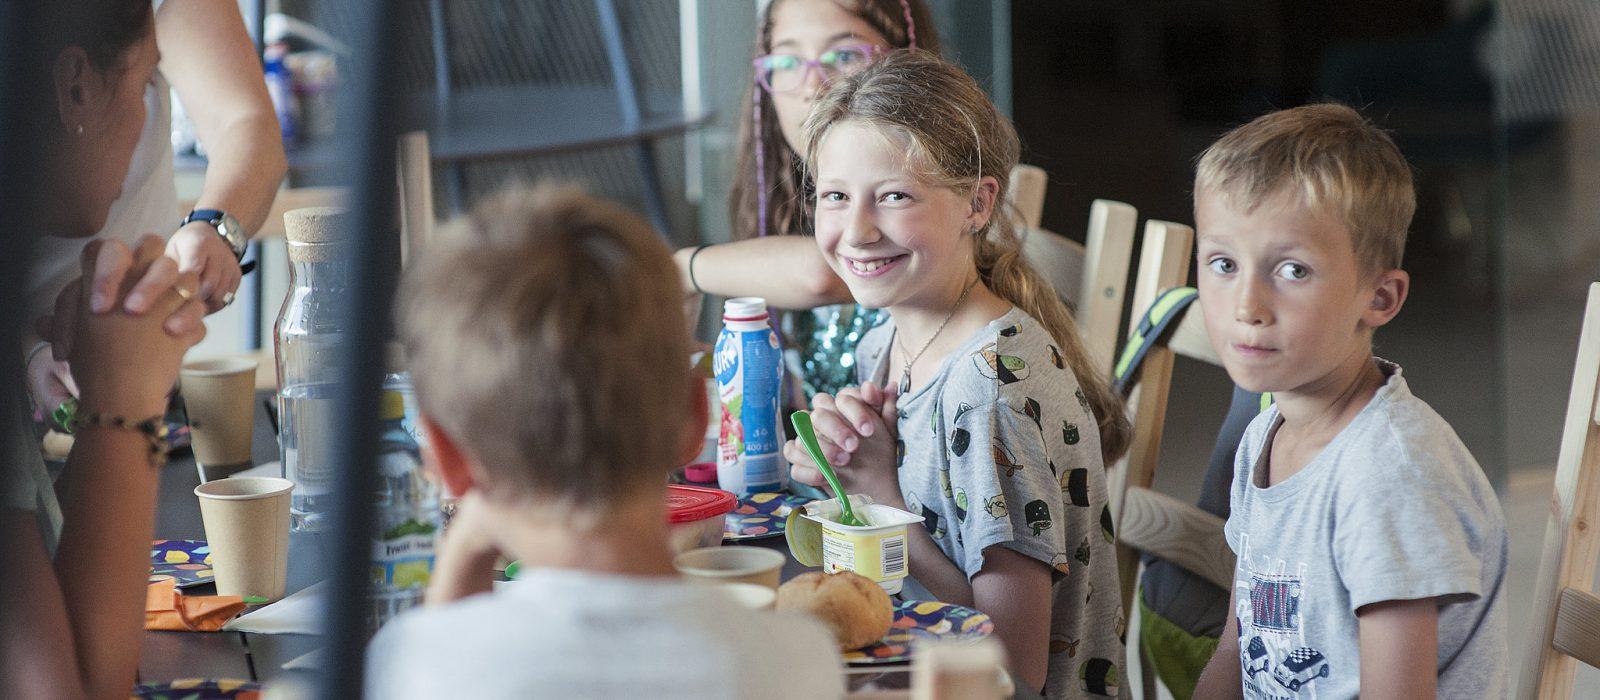 Dzień rodzinny: Pole do popisu – otwarty warsztat z tworzenia gry planszowej